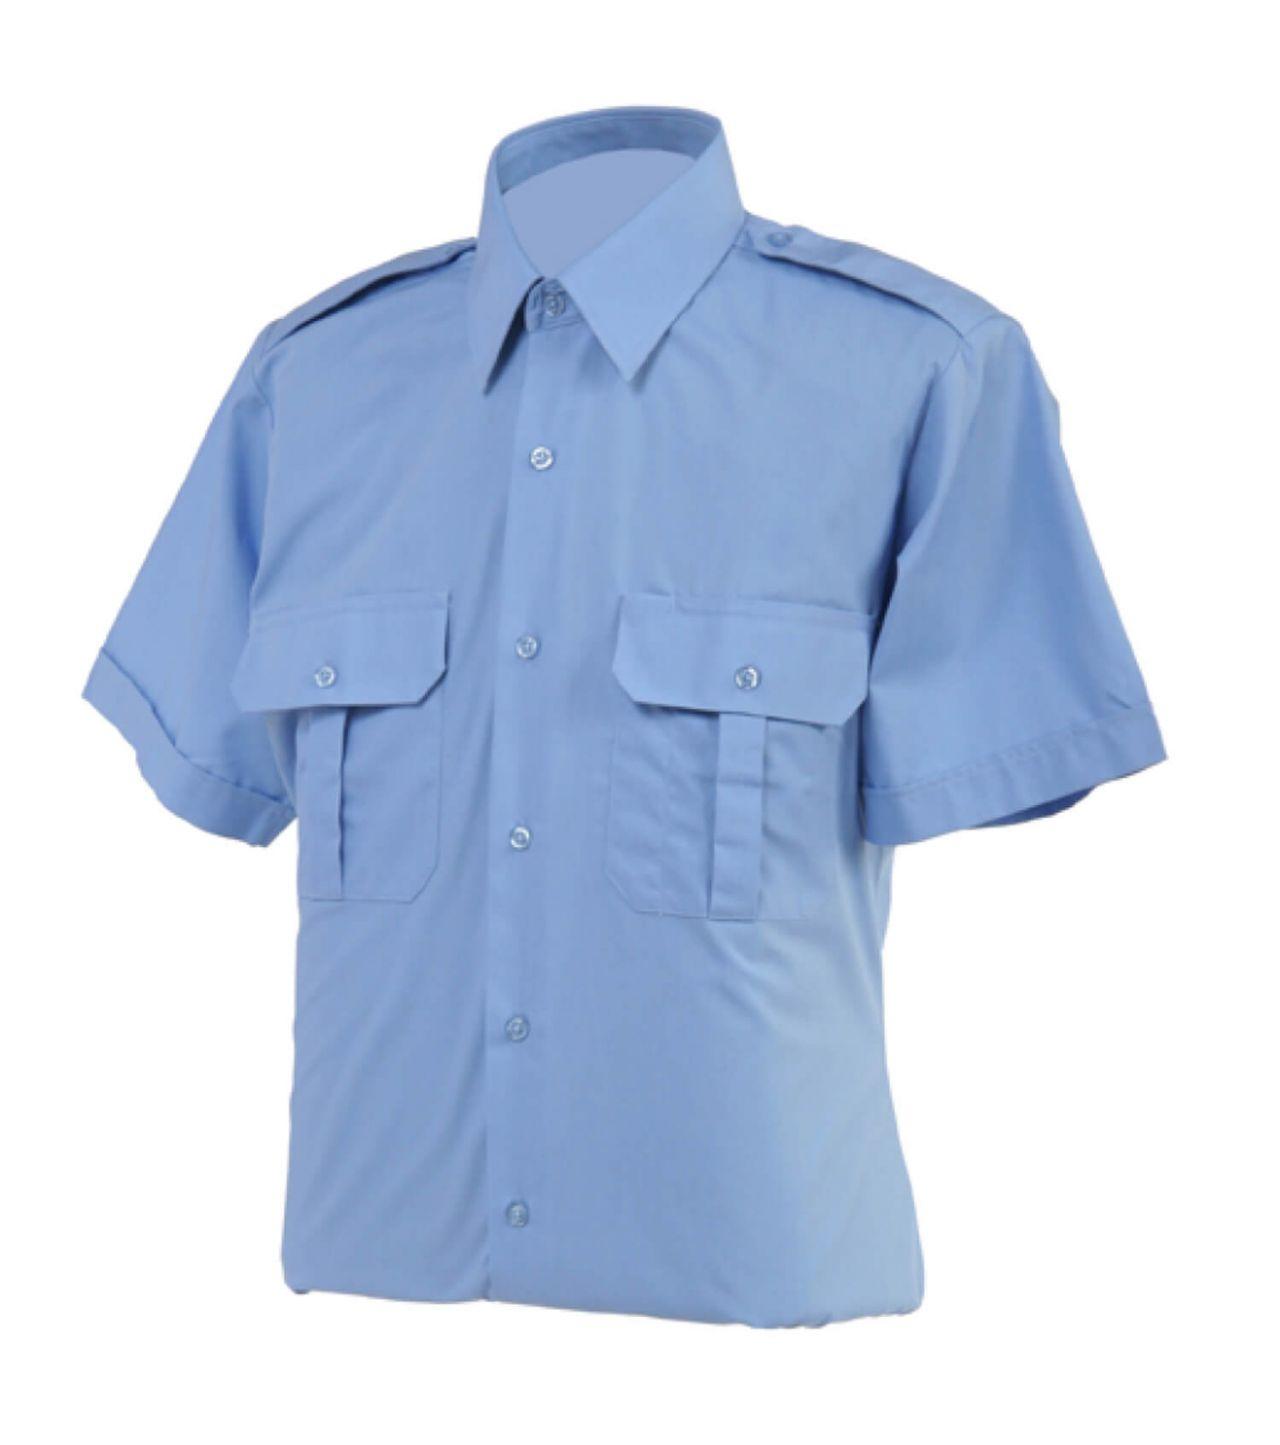 Áo bảo vệ tay ngắn màu xanh nhạt